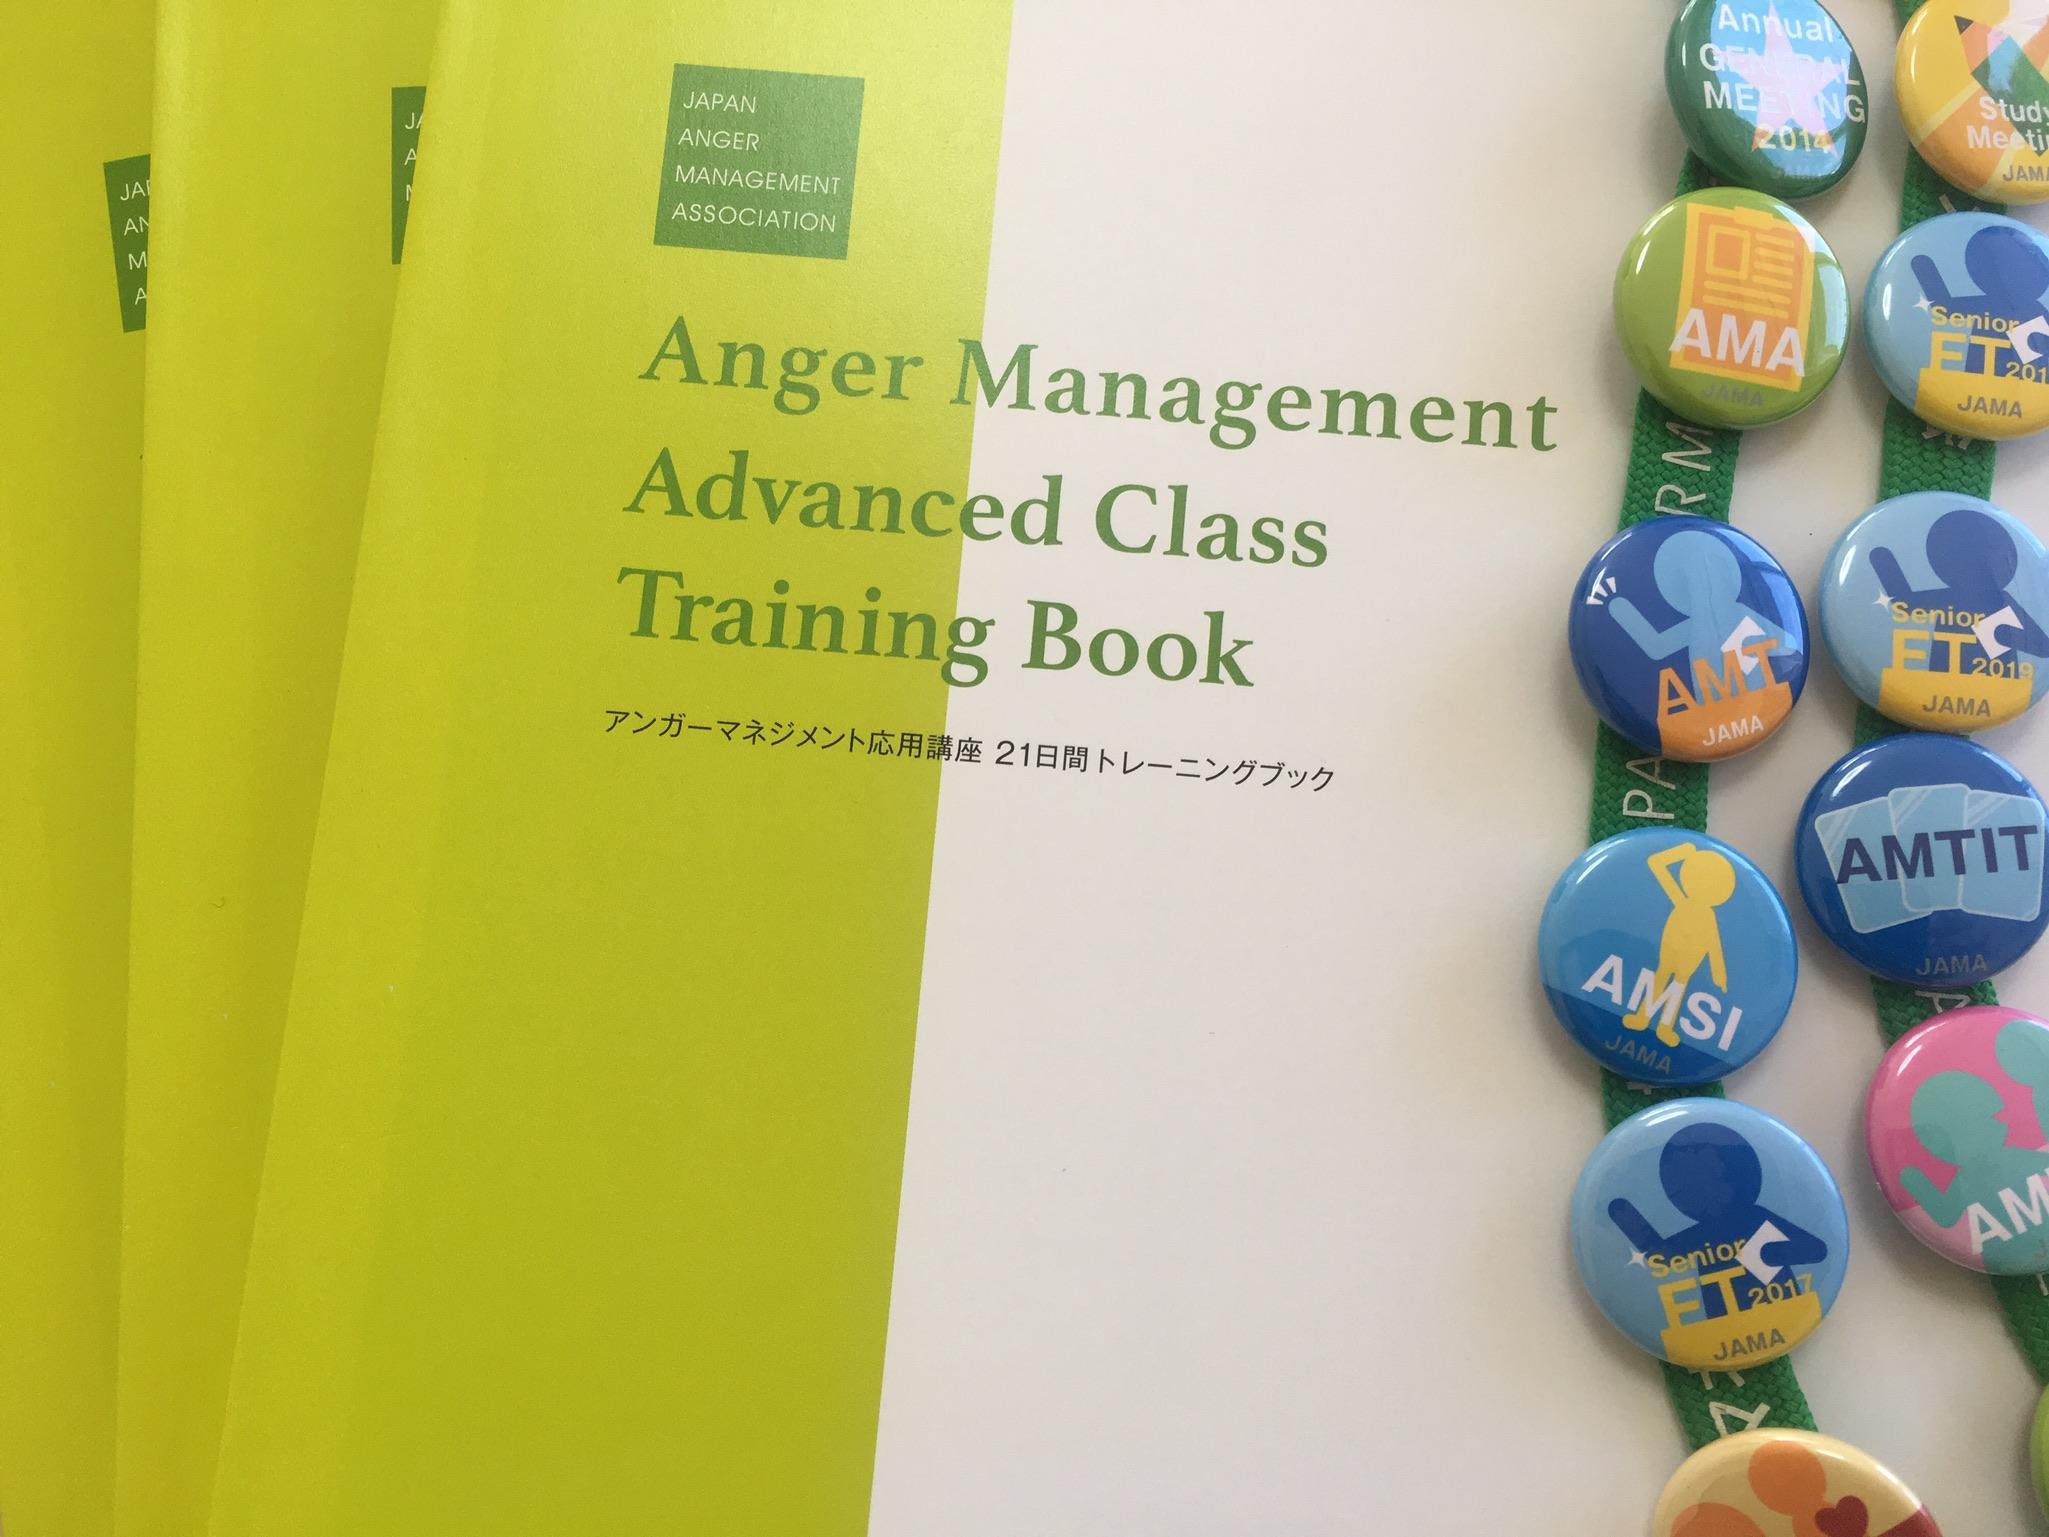 アンガ―マネジメント応用講座,自分を変える方法を学ぶ,子育てのイライラ,怒りの本当の正体,心理トレーニング